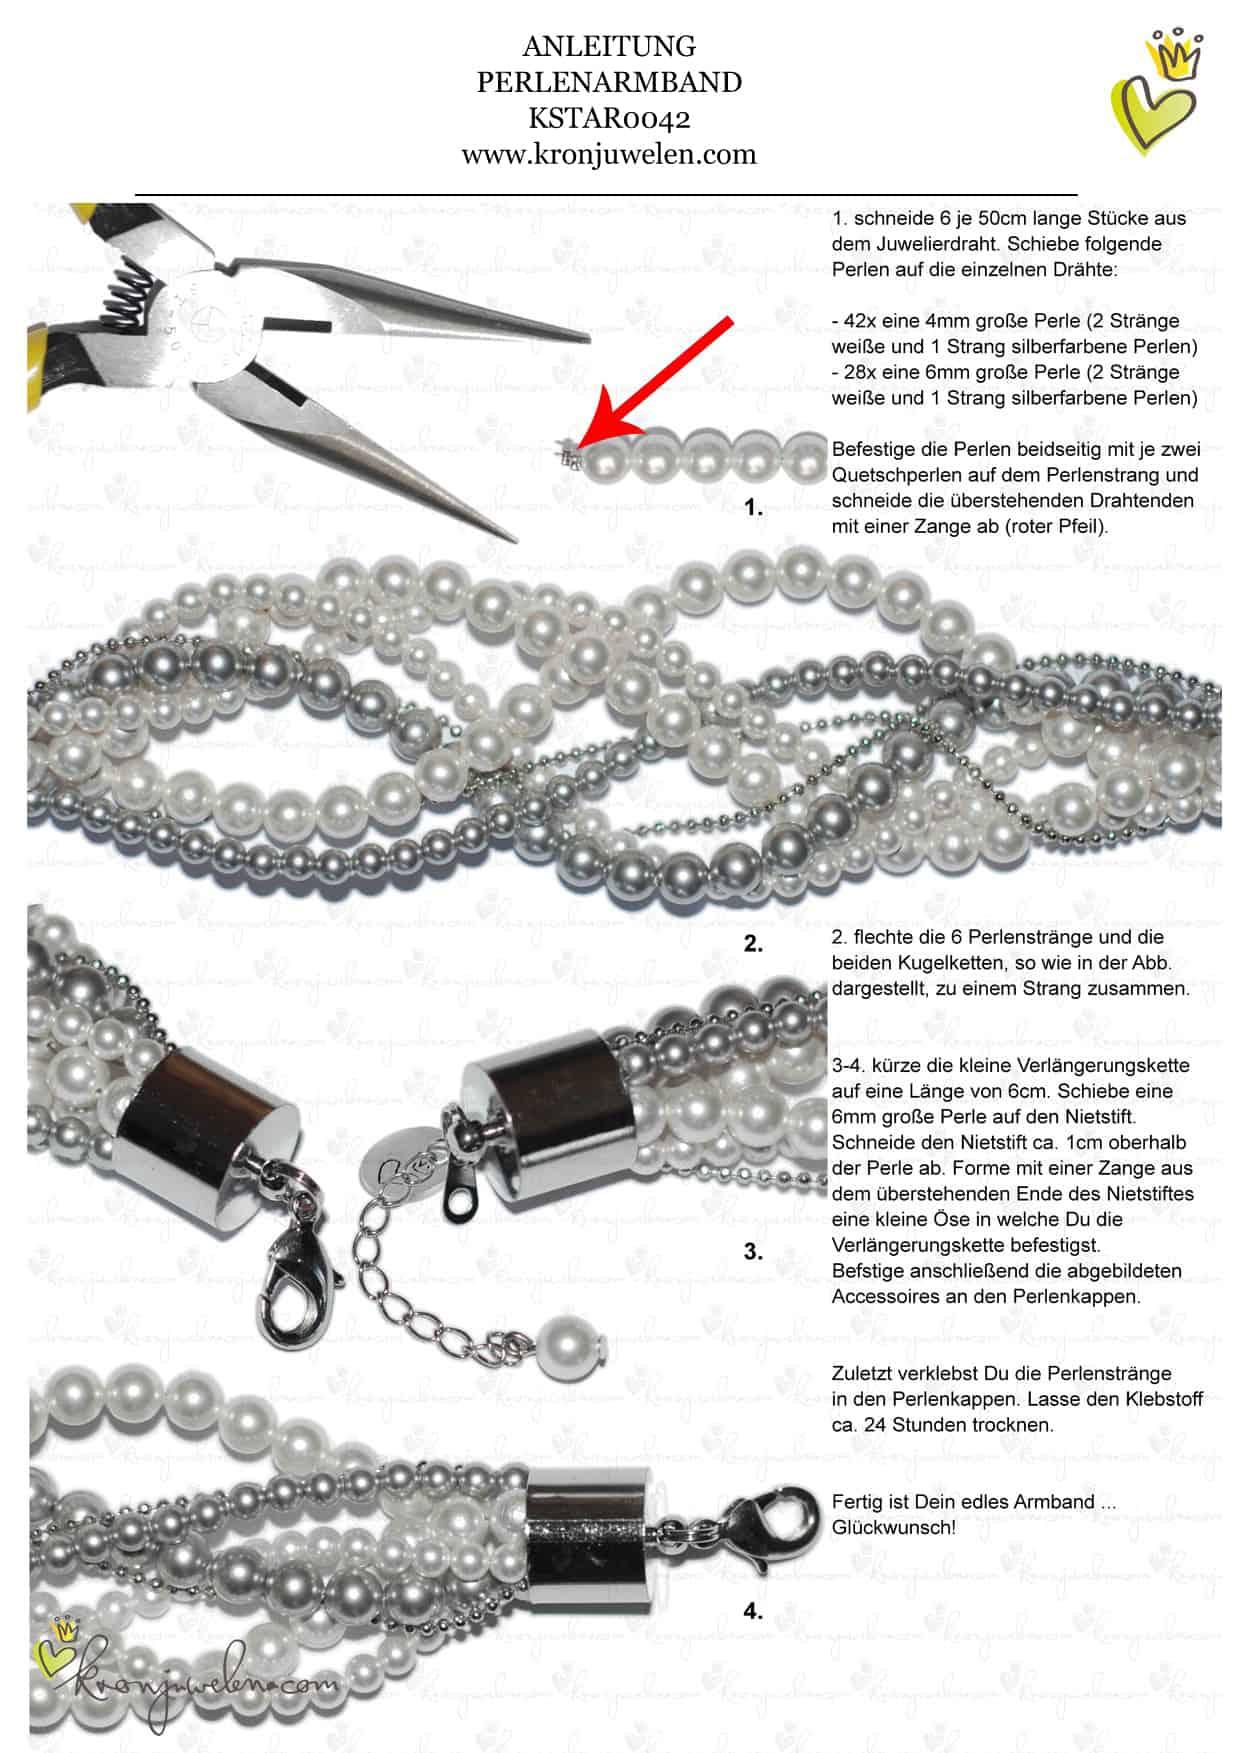 Anleitung Perlenarmband von kronjuwelen.com (Seite 2/2)